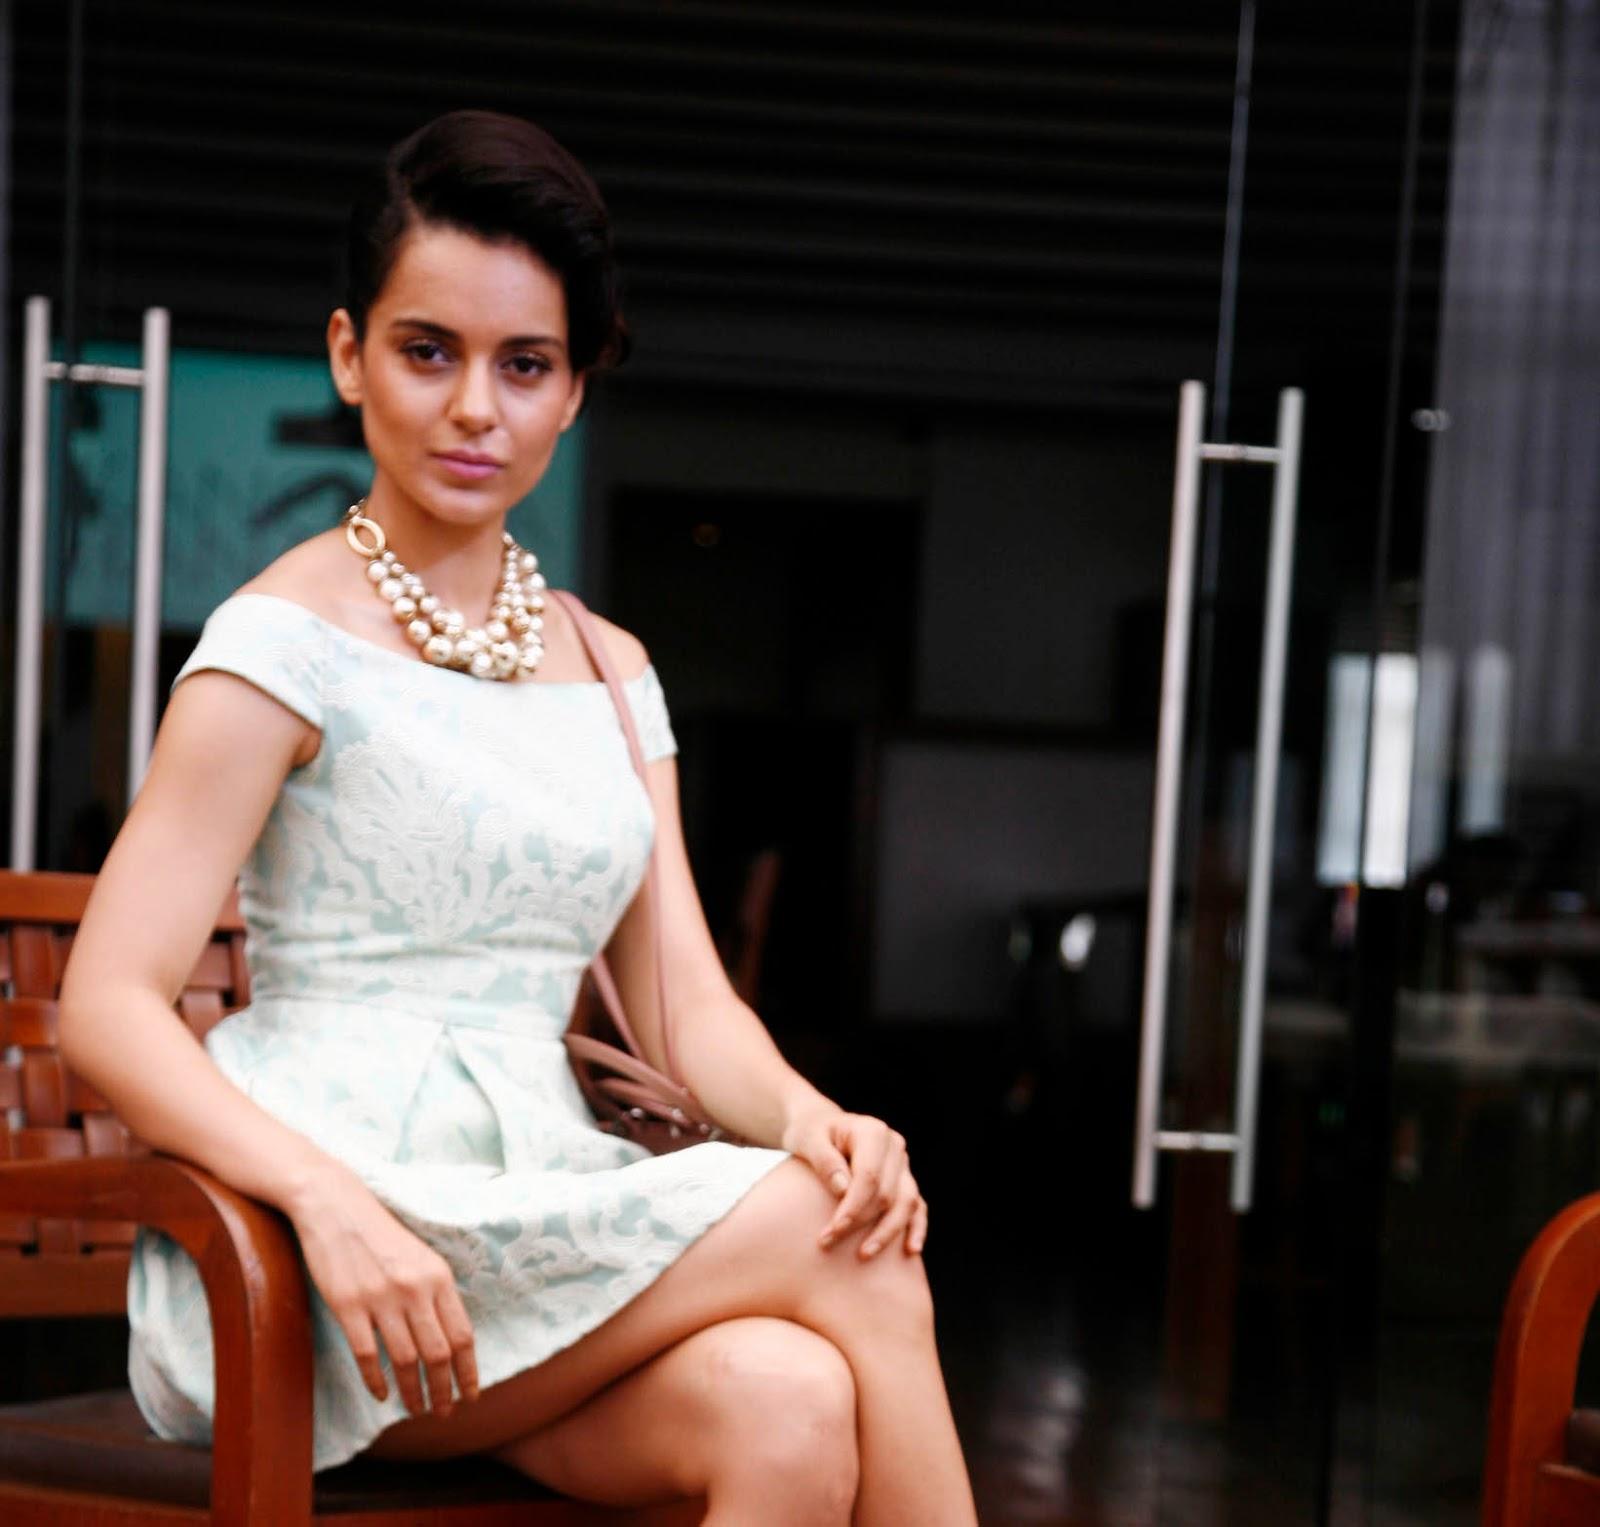 http://3.bp.blogspot.com/-Vhl-7zEF0ro/UislFlsSEuI/AAAAAAAAblU/lurQGzwdwdM/s1600/Kangana+Ranaut+Launches+Her+Website+(1).JPG